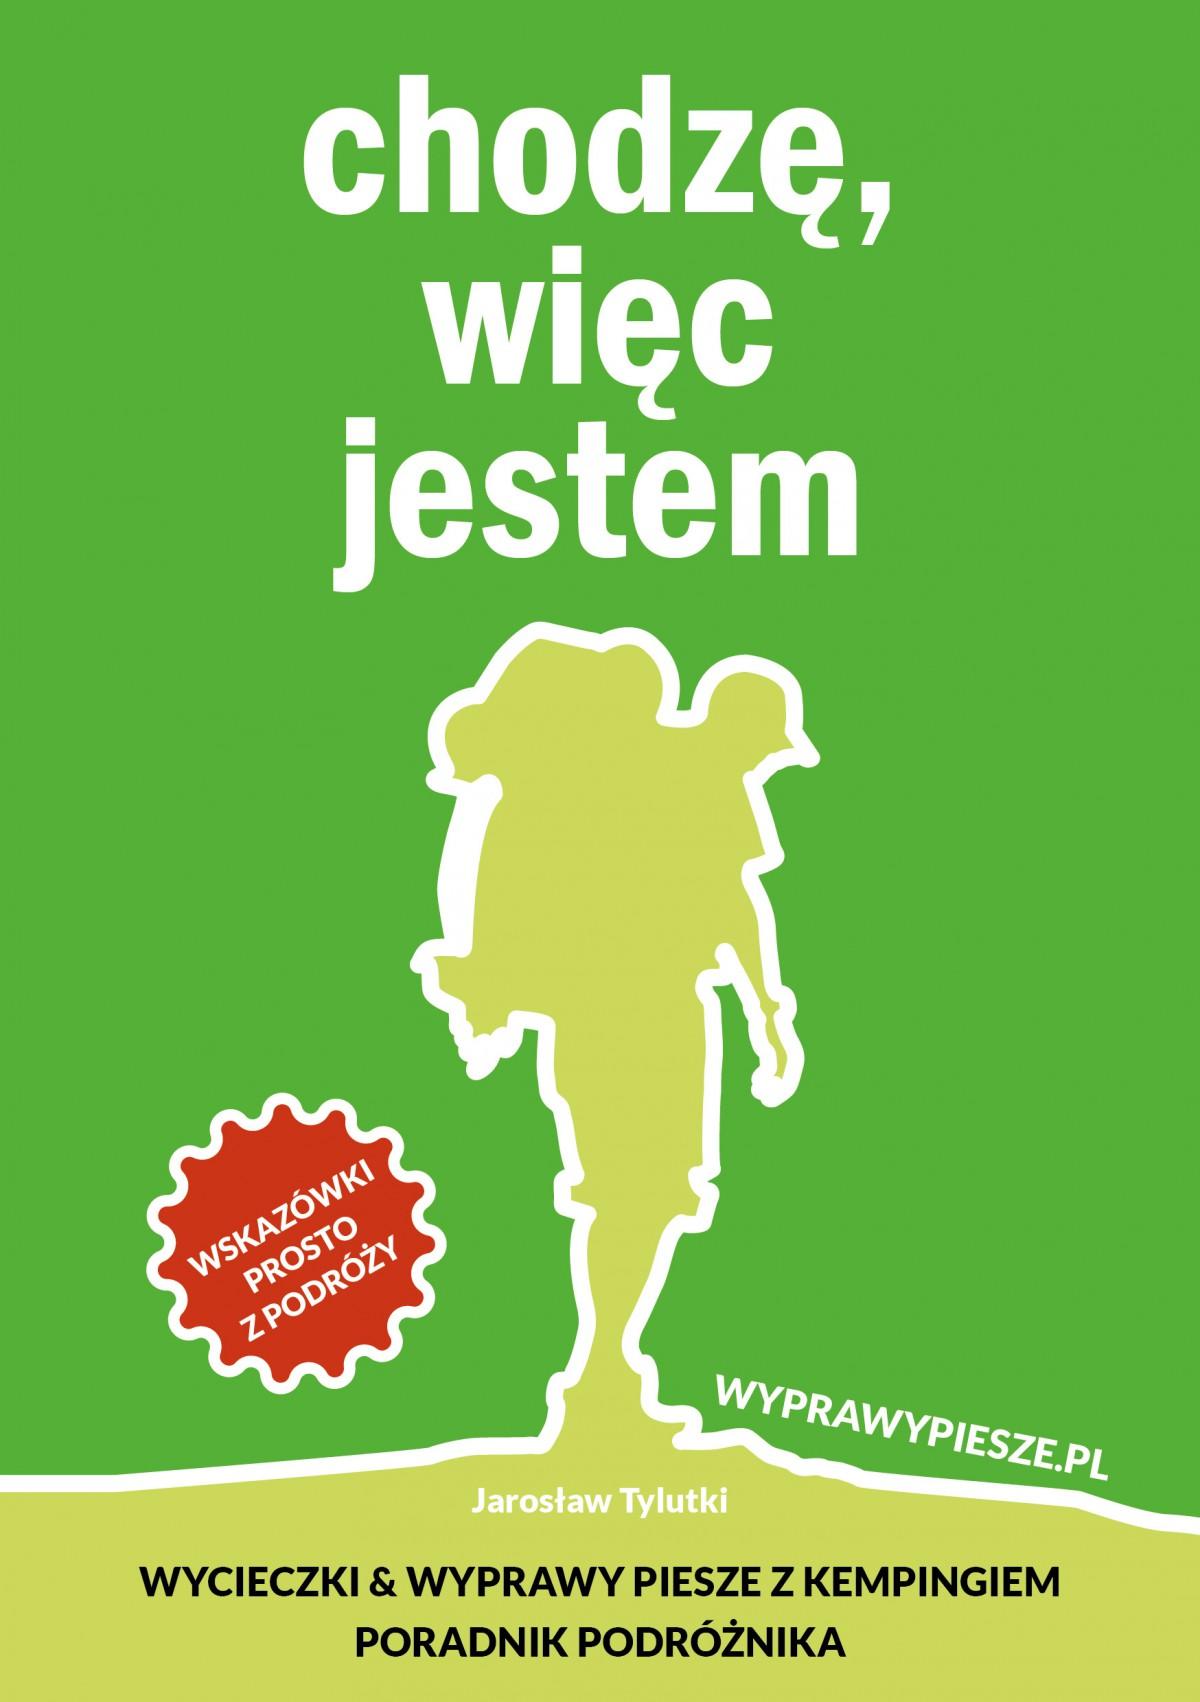 Wycieczki i Wyprawy Piesze z Kempingiem - Poradnik Podróżnika - Ebook (Książka EPUB) do pobrania w formacie EPUB